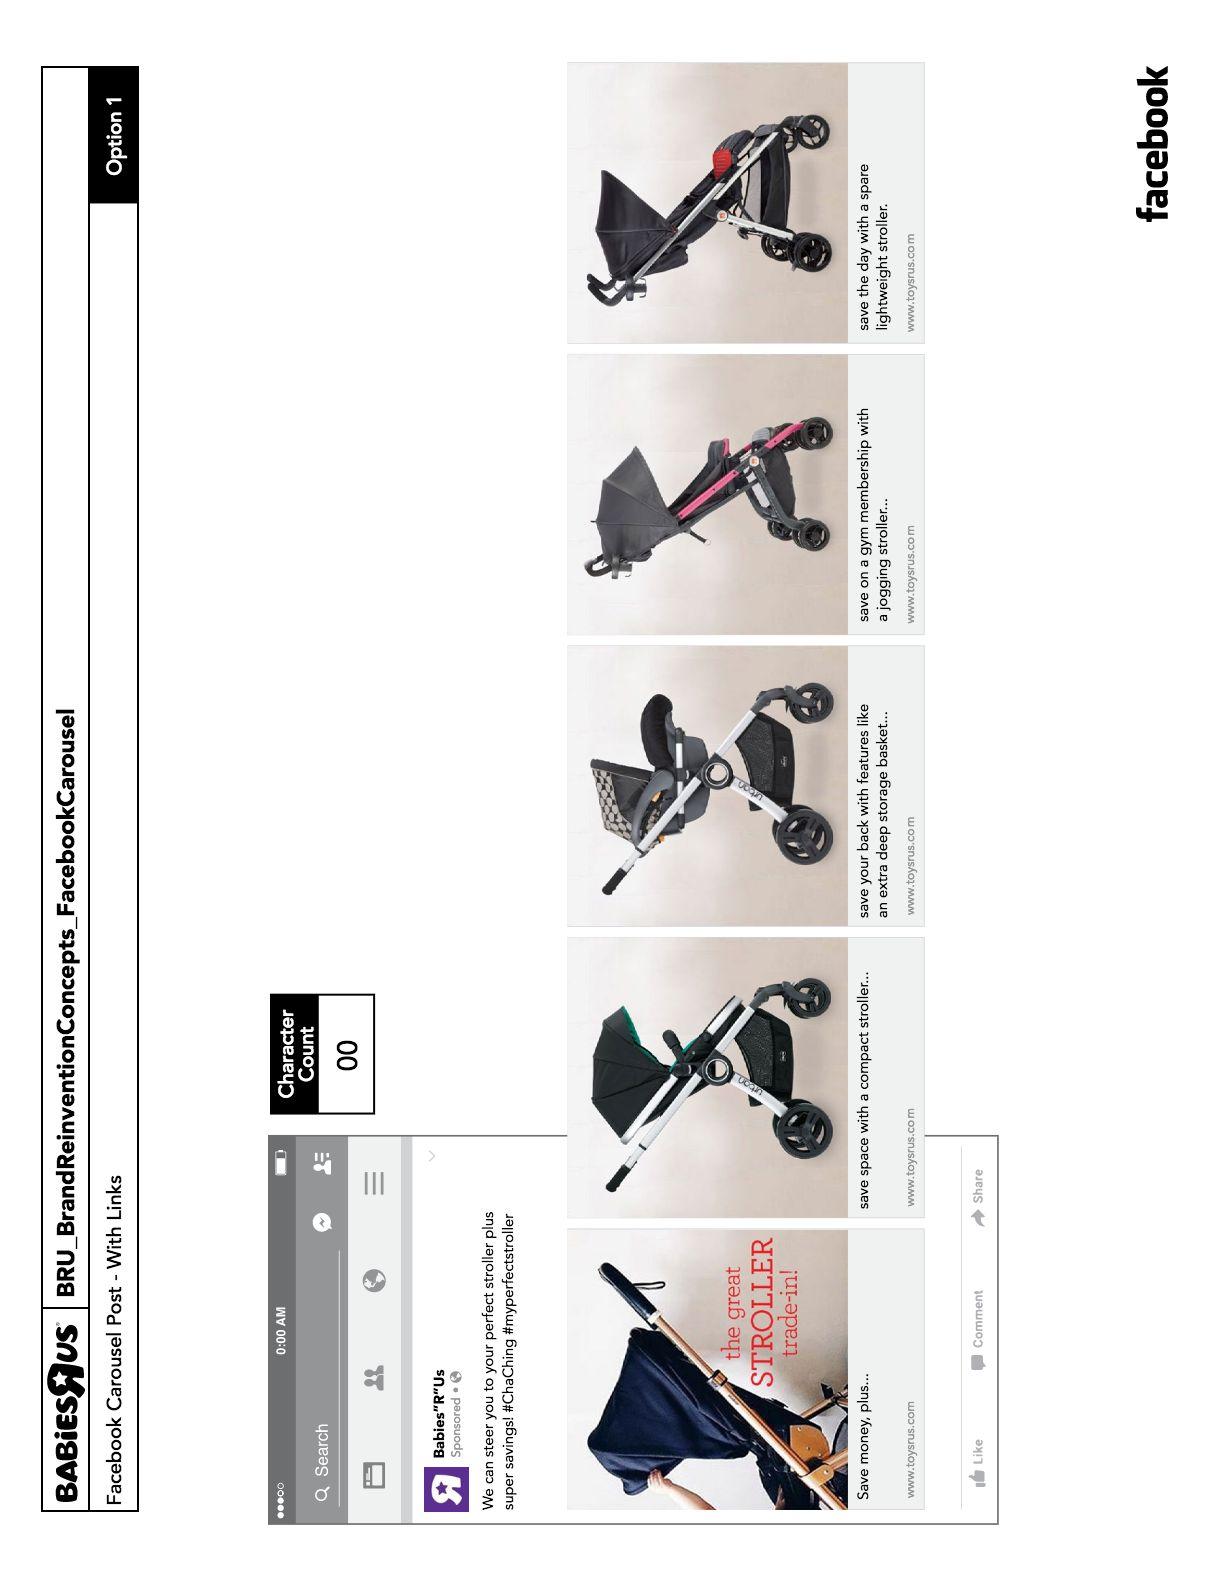 BRU Brand Reinvention Concepts - 8